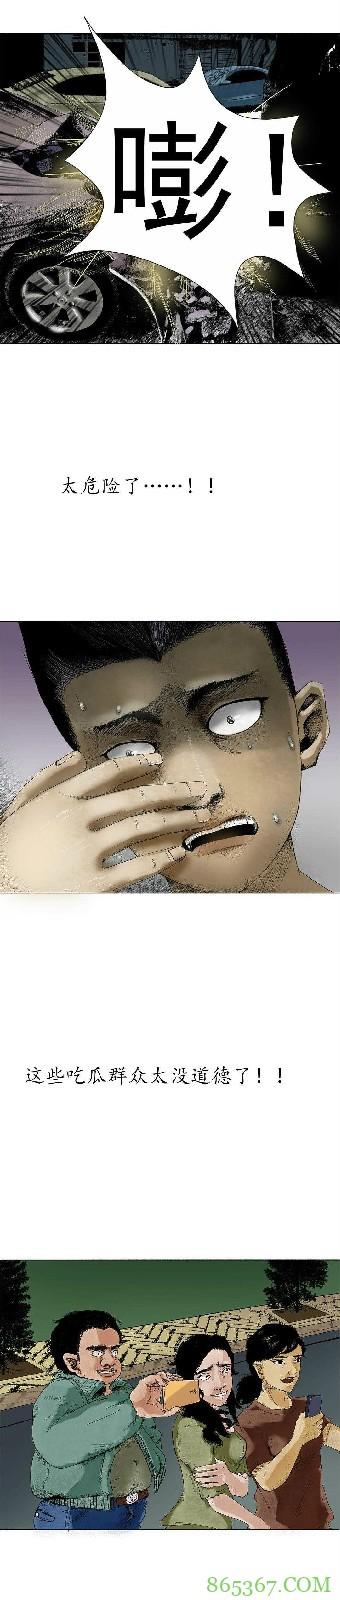 恐怖漫画《奈何桥等着我》 用灵魂看肉体死亡超级恐怖